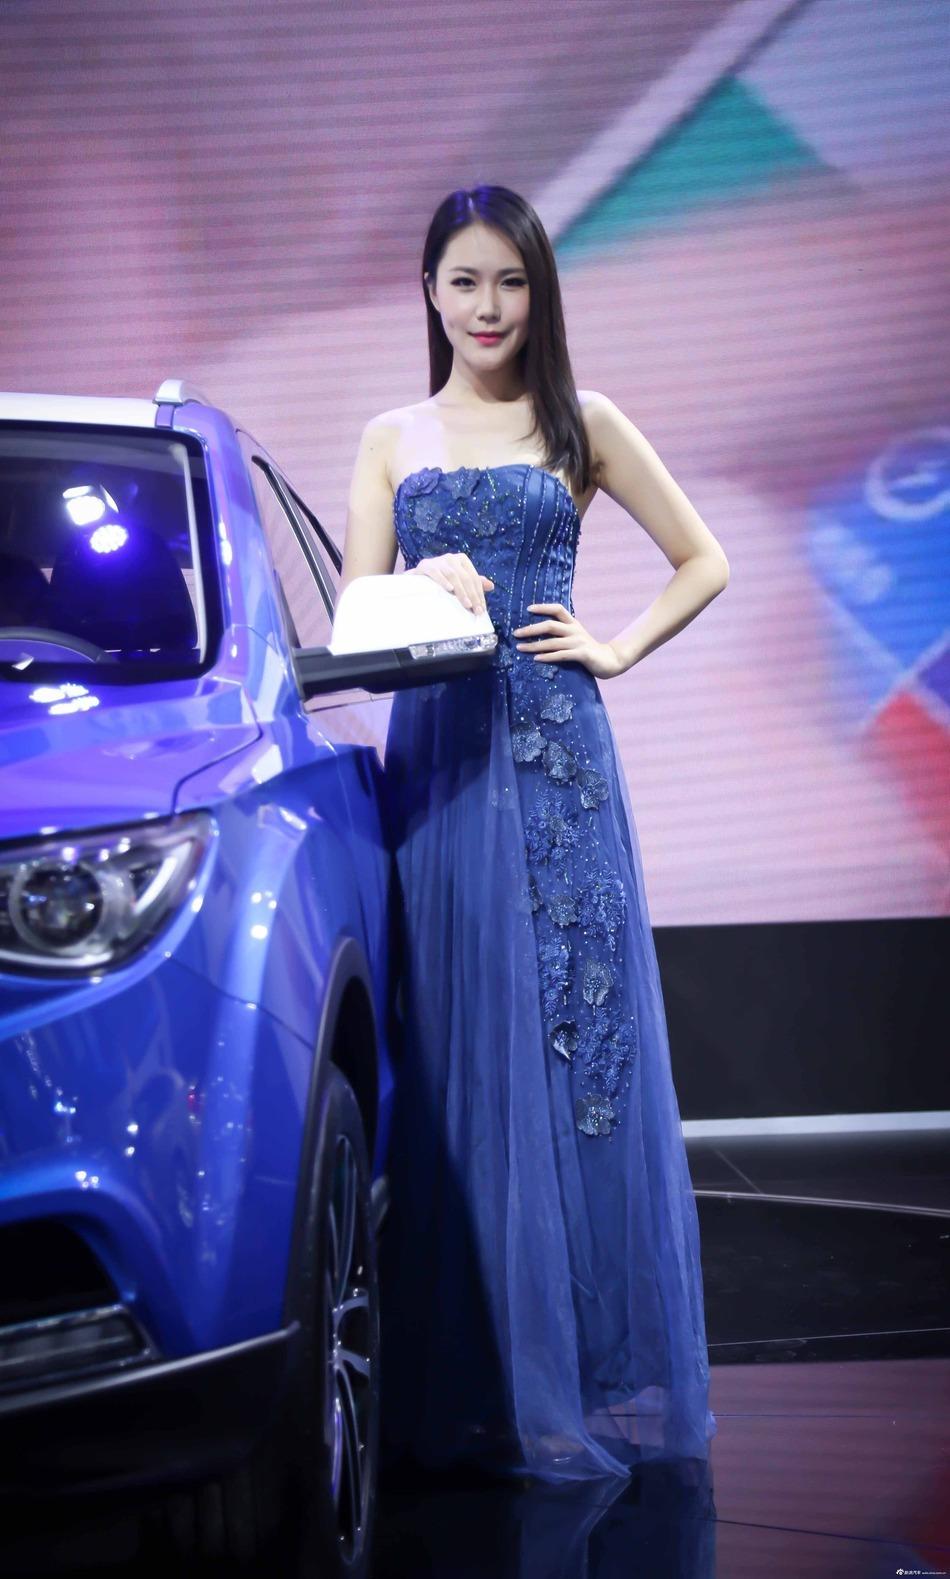 2017年重庆国际车展6月8日正式开幕,与此同时众多具有国际范儿的